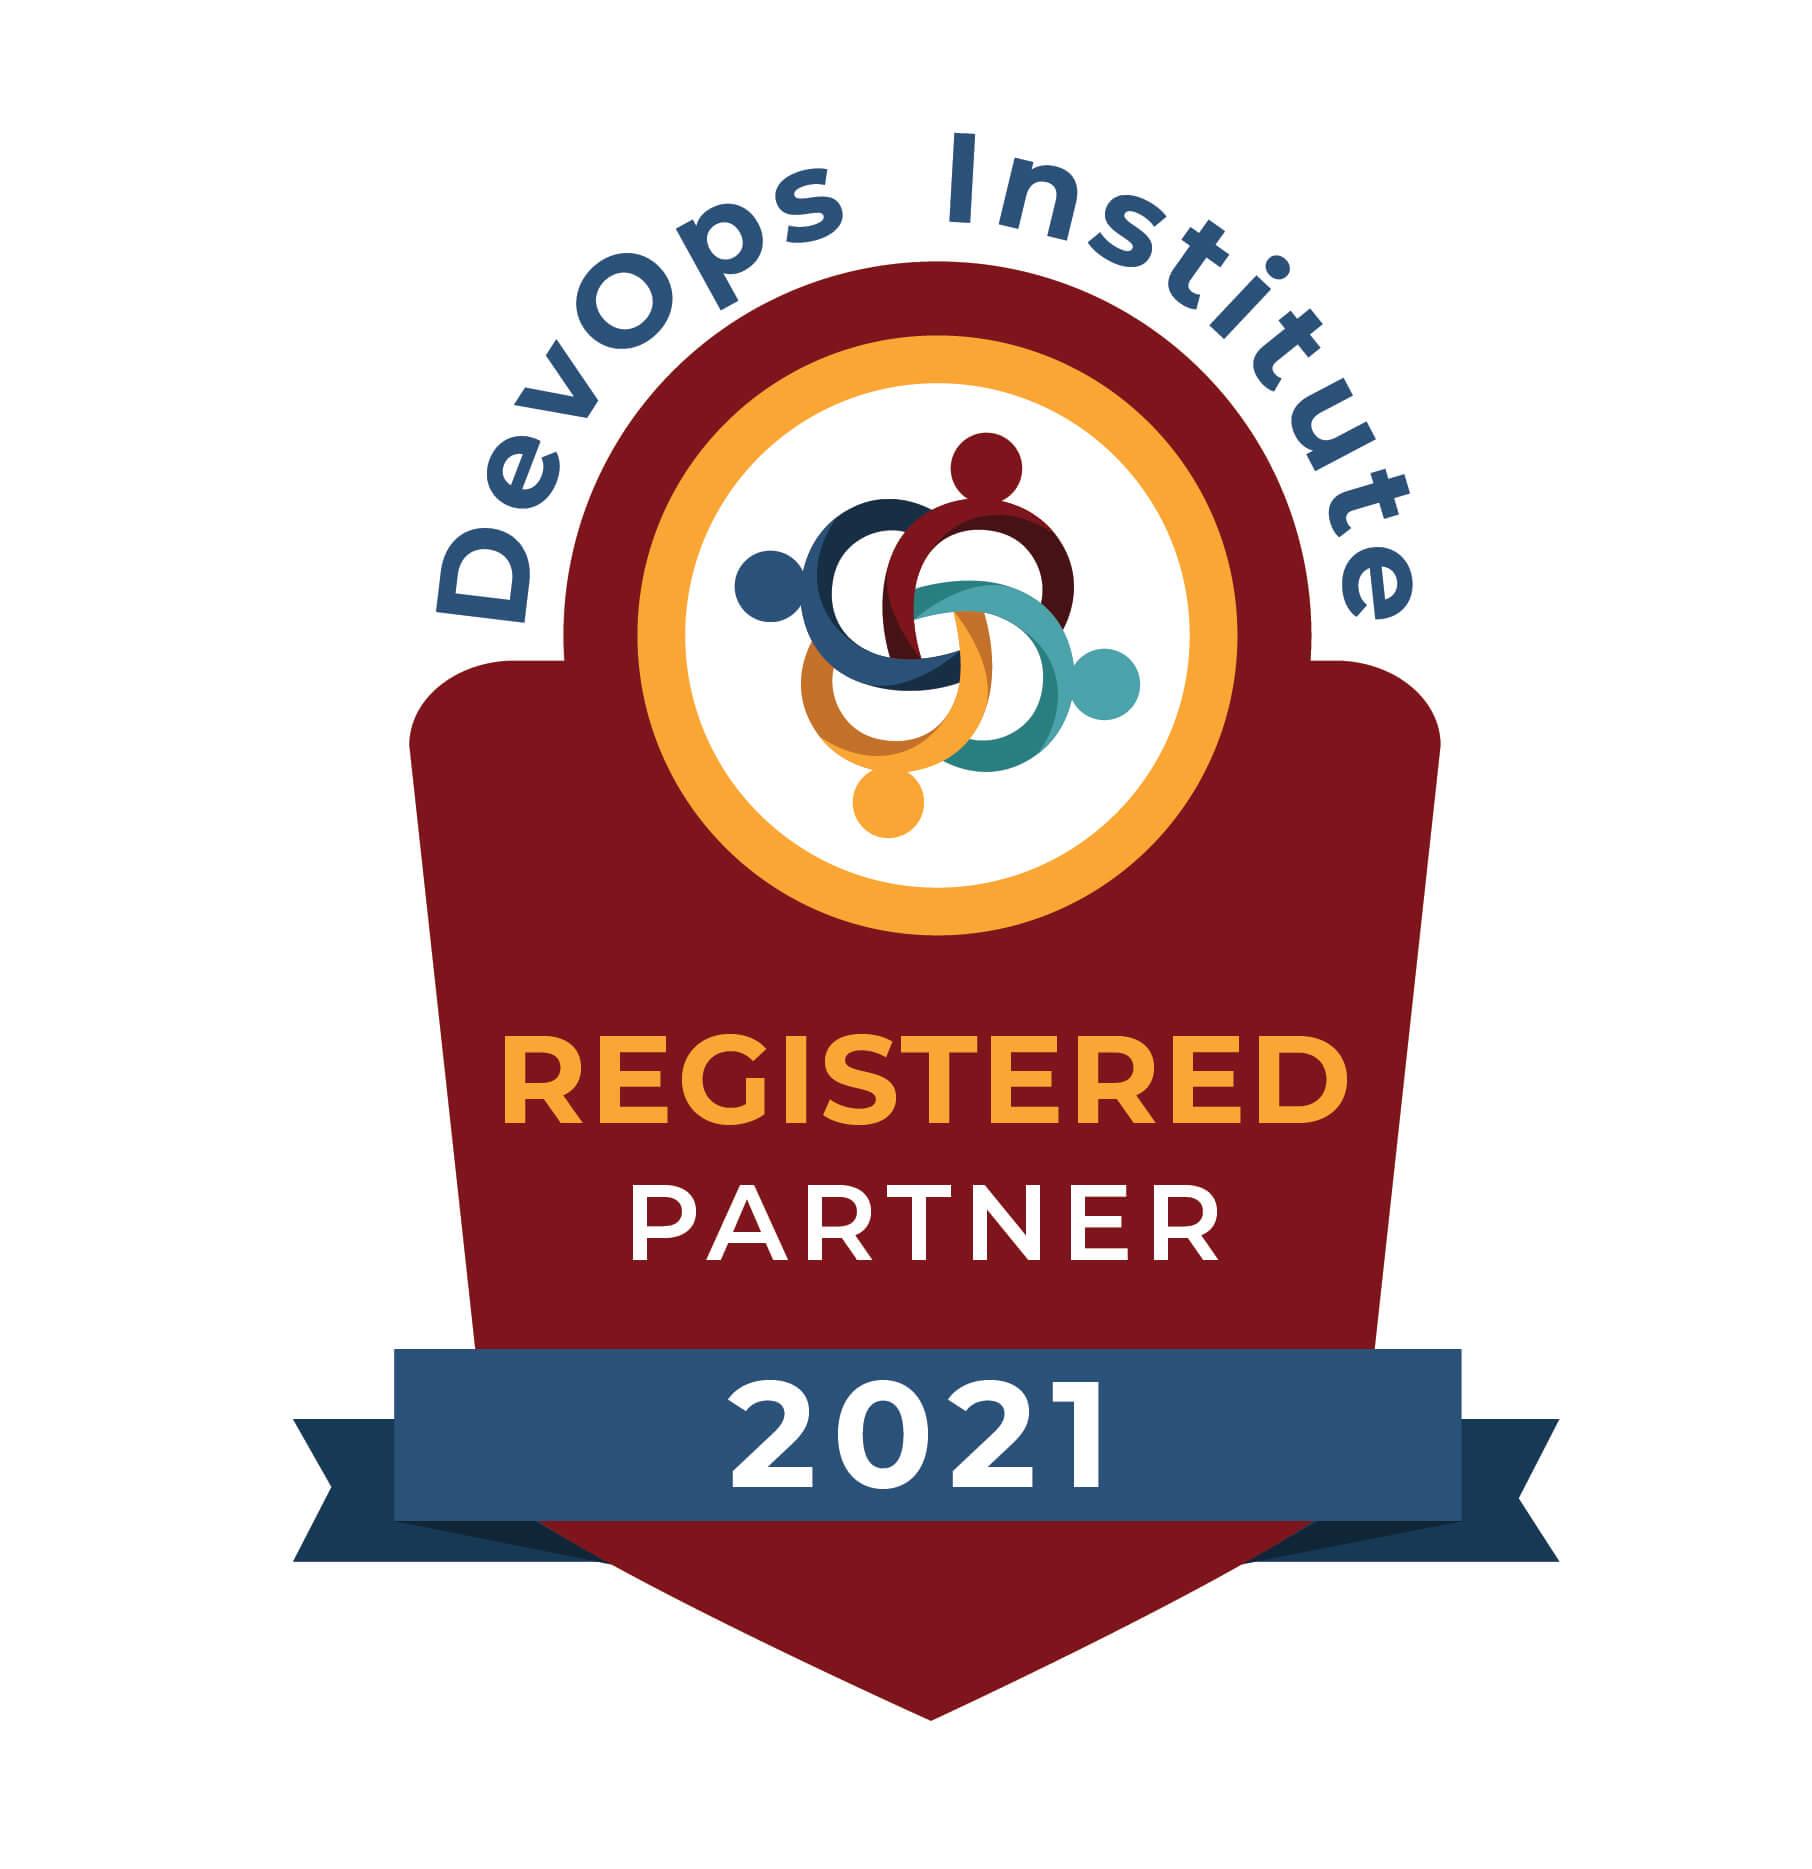 RegisteredPartner2021